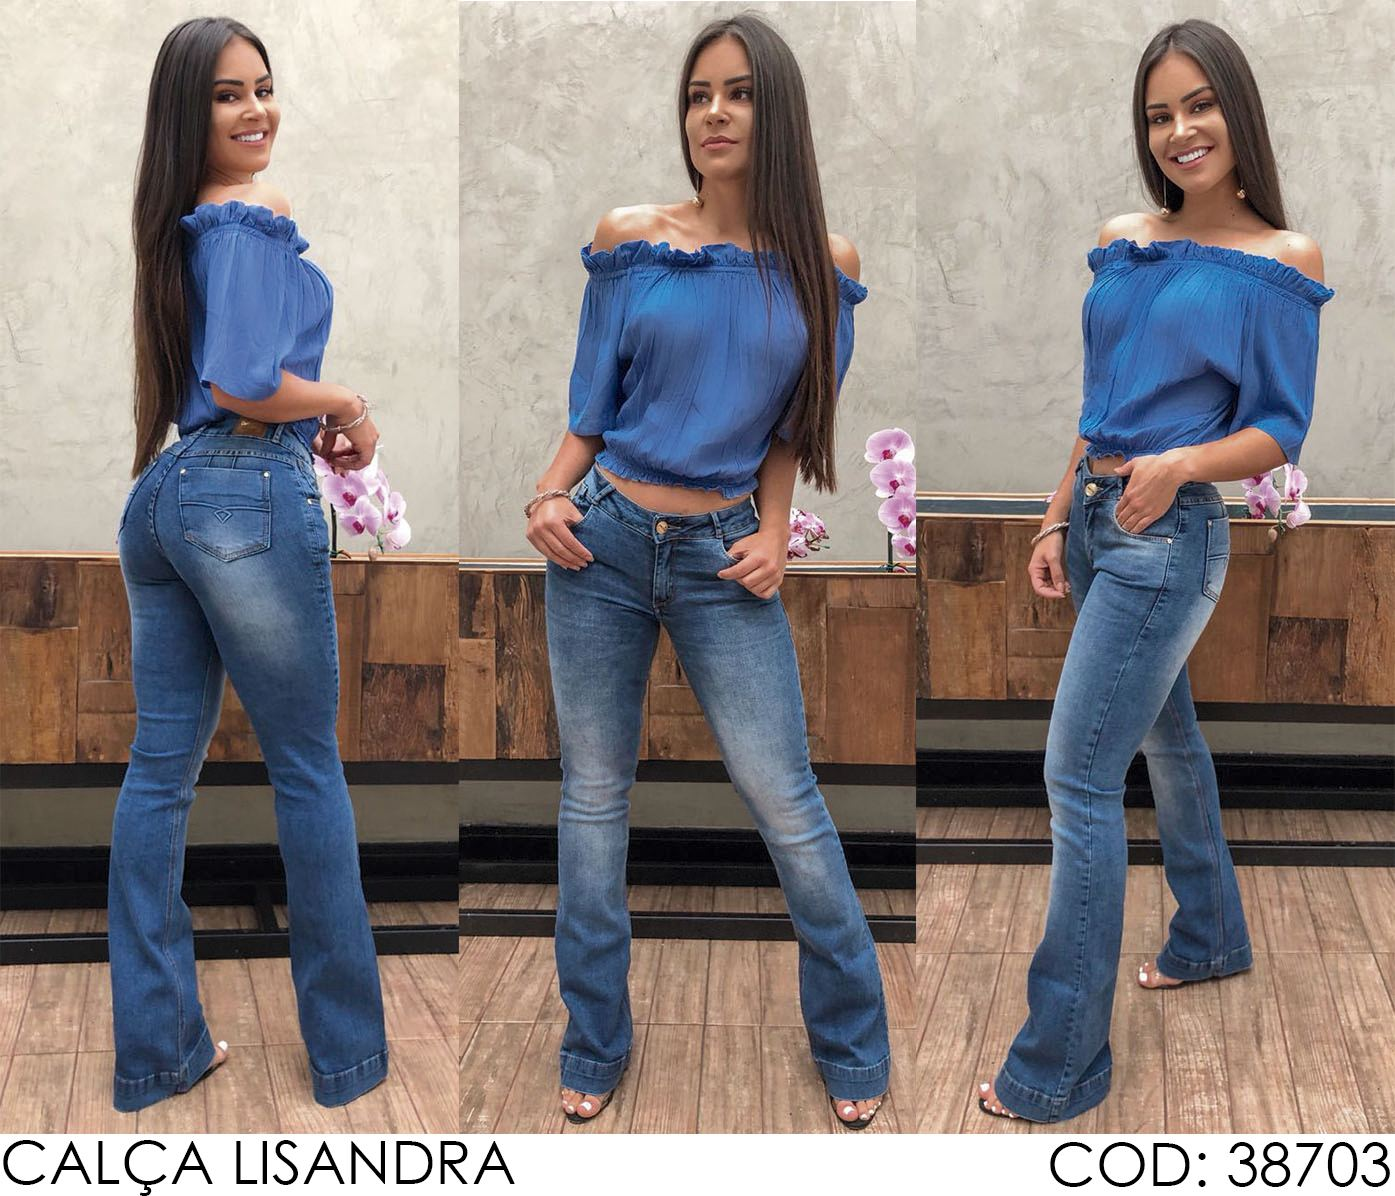 Calça Jeans Darlook Lisandra [38703]